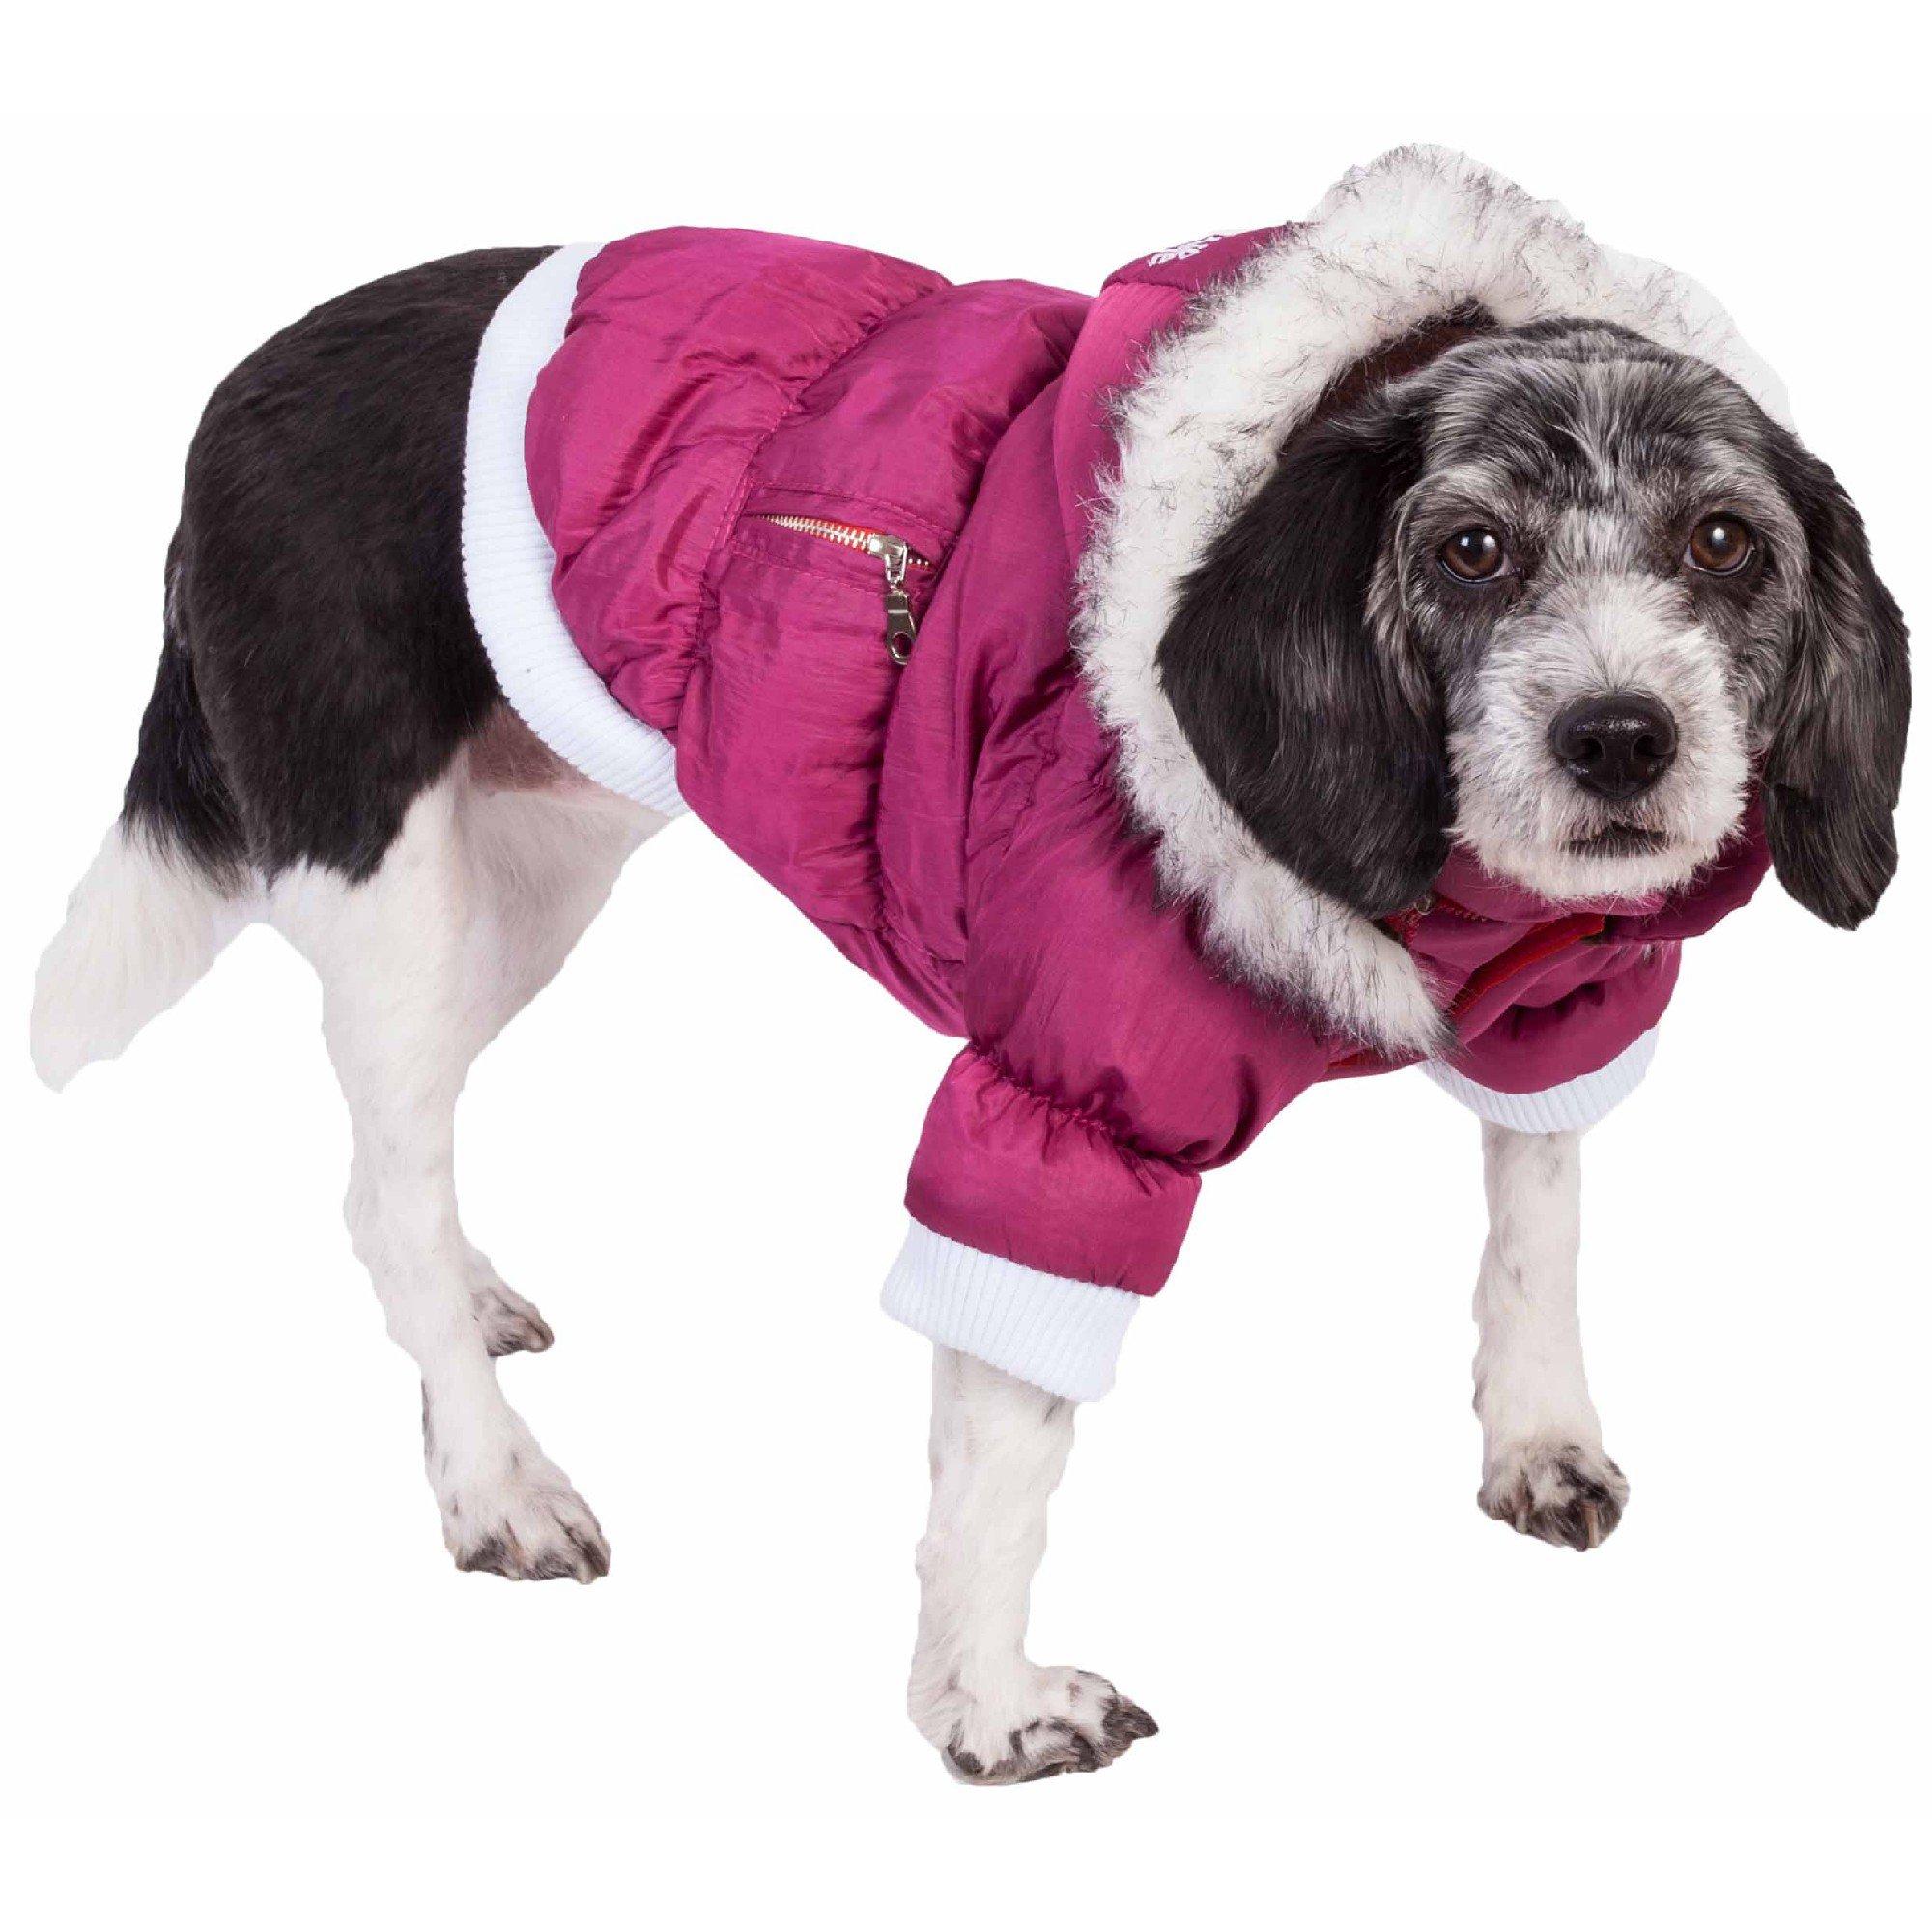 Pet Life Metallic Pink Dog Parka